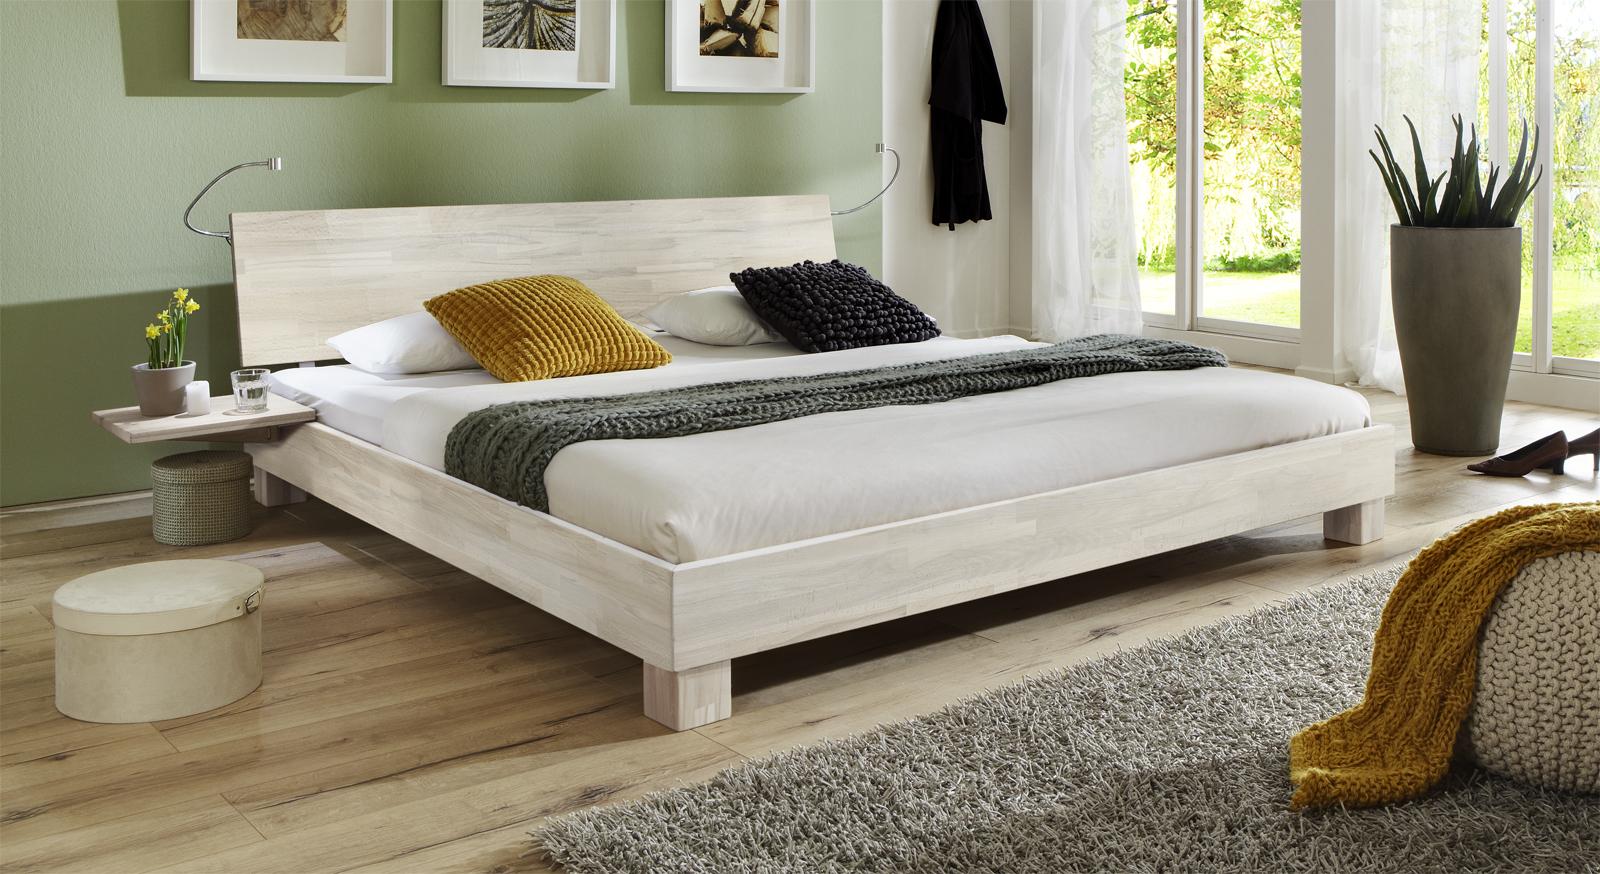 Doppelbett Lesina in Buche weiss lackiert